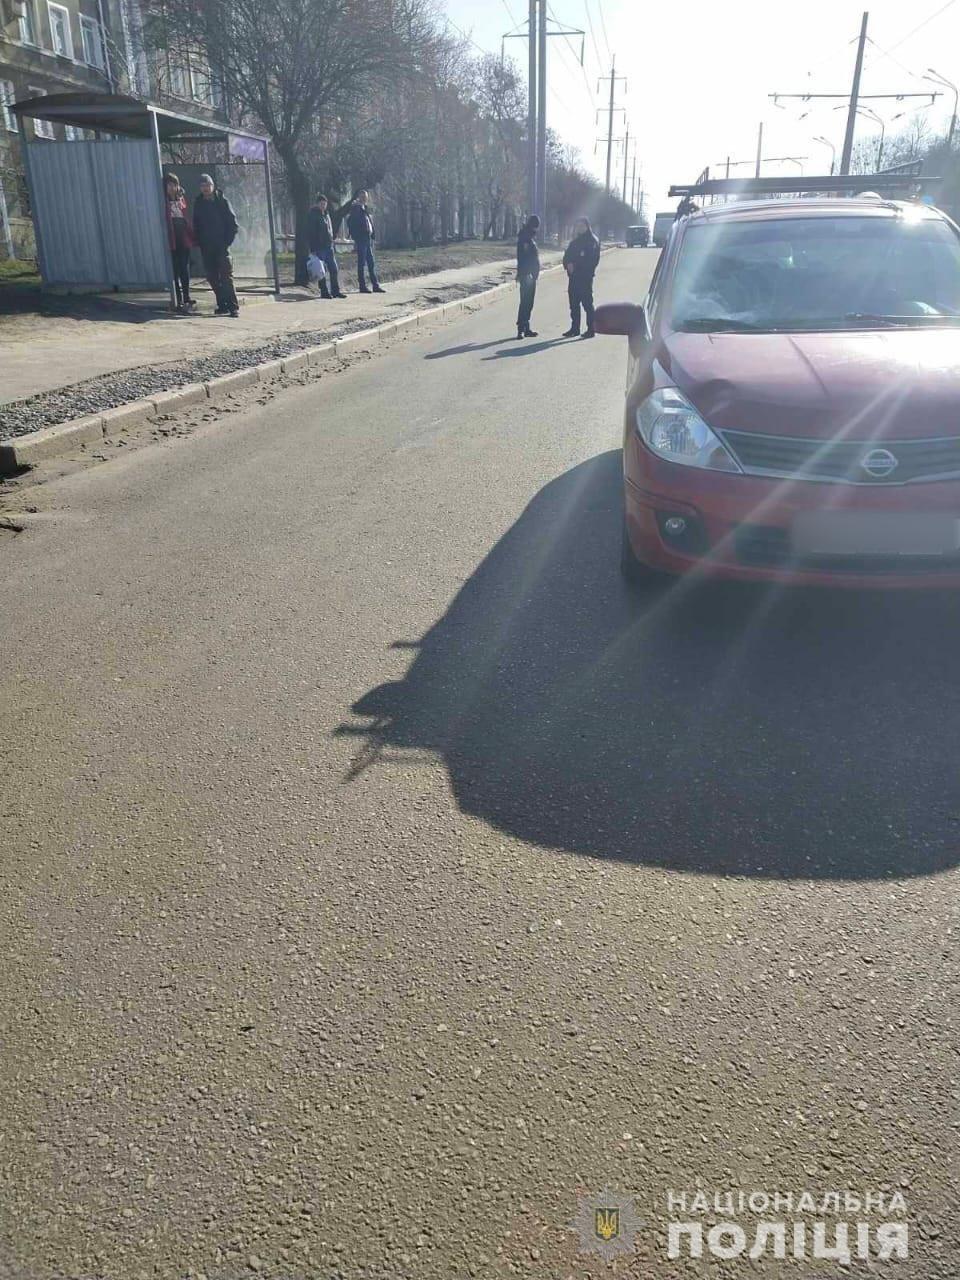 В Харькове под колесами авто погибла пожилая женщина, переходившая дорогу вне «зебры», - ФОТО, фото-1